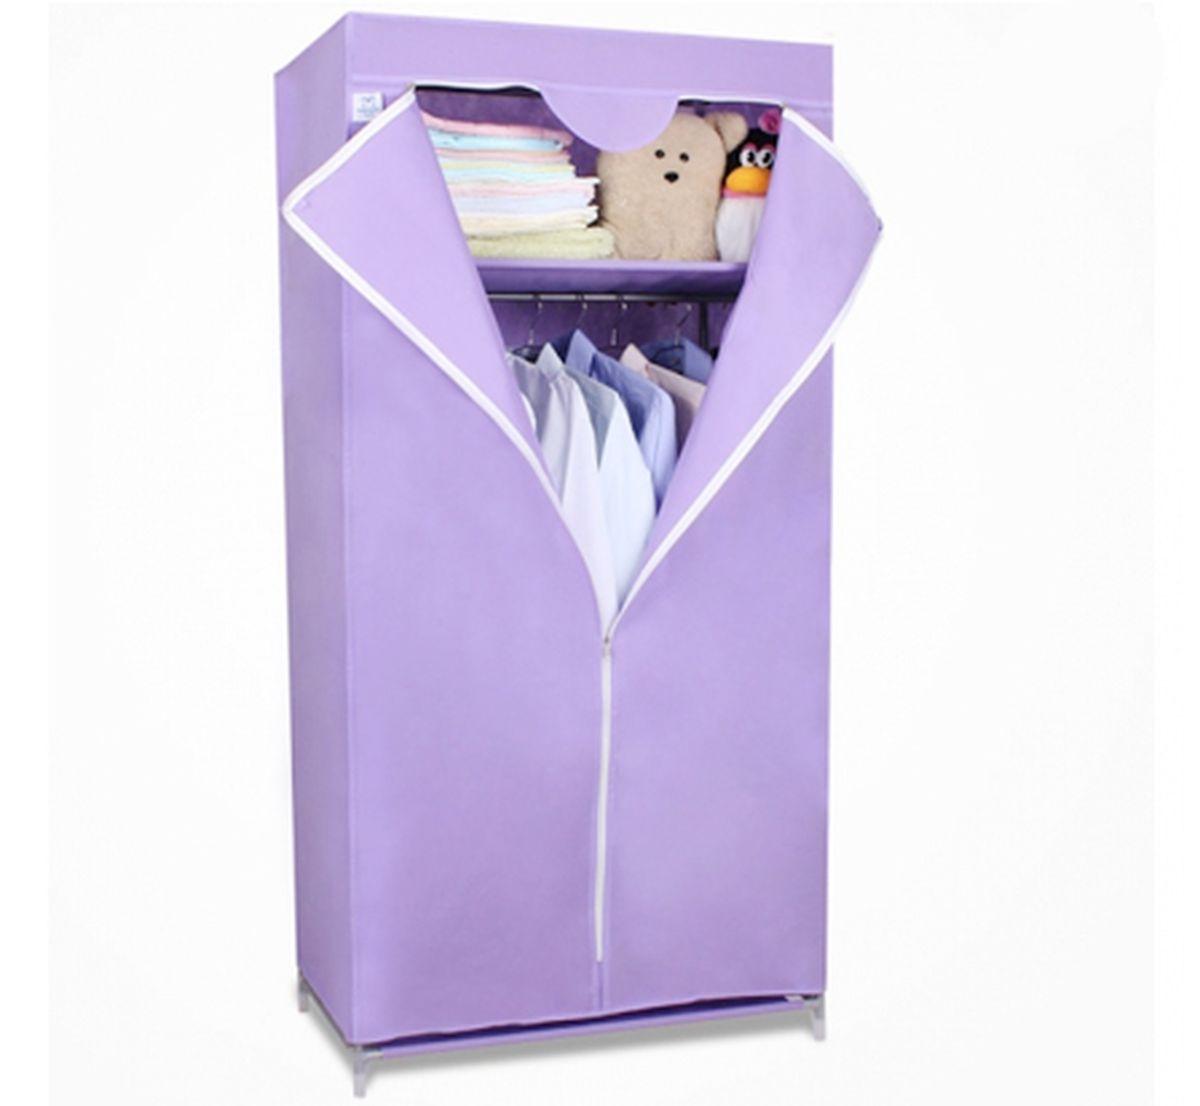 Шкаф Homsu Кармэн, цвет: фиолетовый, 68 x 45 x 155 смHOM-107Шкаф Homsu Кармэн выполнен из текстиля. Сборная конструкция такого шкафа состоит из металлических деталей каркаса, обтянутых сверху прочной и легкой тканью. Этот шкаф предназначен в создании полноценного порядка. Изделие имеет удобную полку для складывания одежды 65 х 45 см и перекладину той же ширины для подвешивания курток, пальто, рубашек, свитеров и других вещей. Кроме своей большой практичной пользы, данный мебельный предмет также сможет очень выгодно дополнить имеющийся интерьер в помещении. Верхняя тканевая обивка, при этом, всегда может быть легко и быстро снята, если ее необходимо будет постирать или заменить.